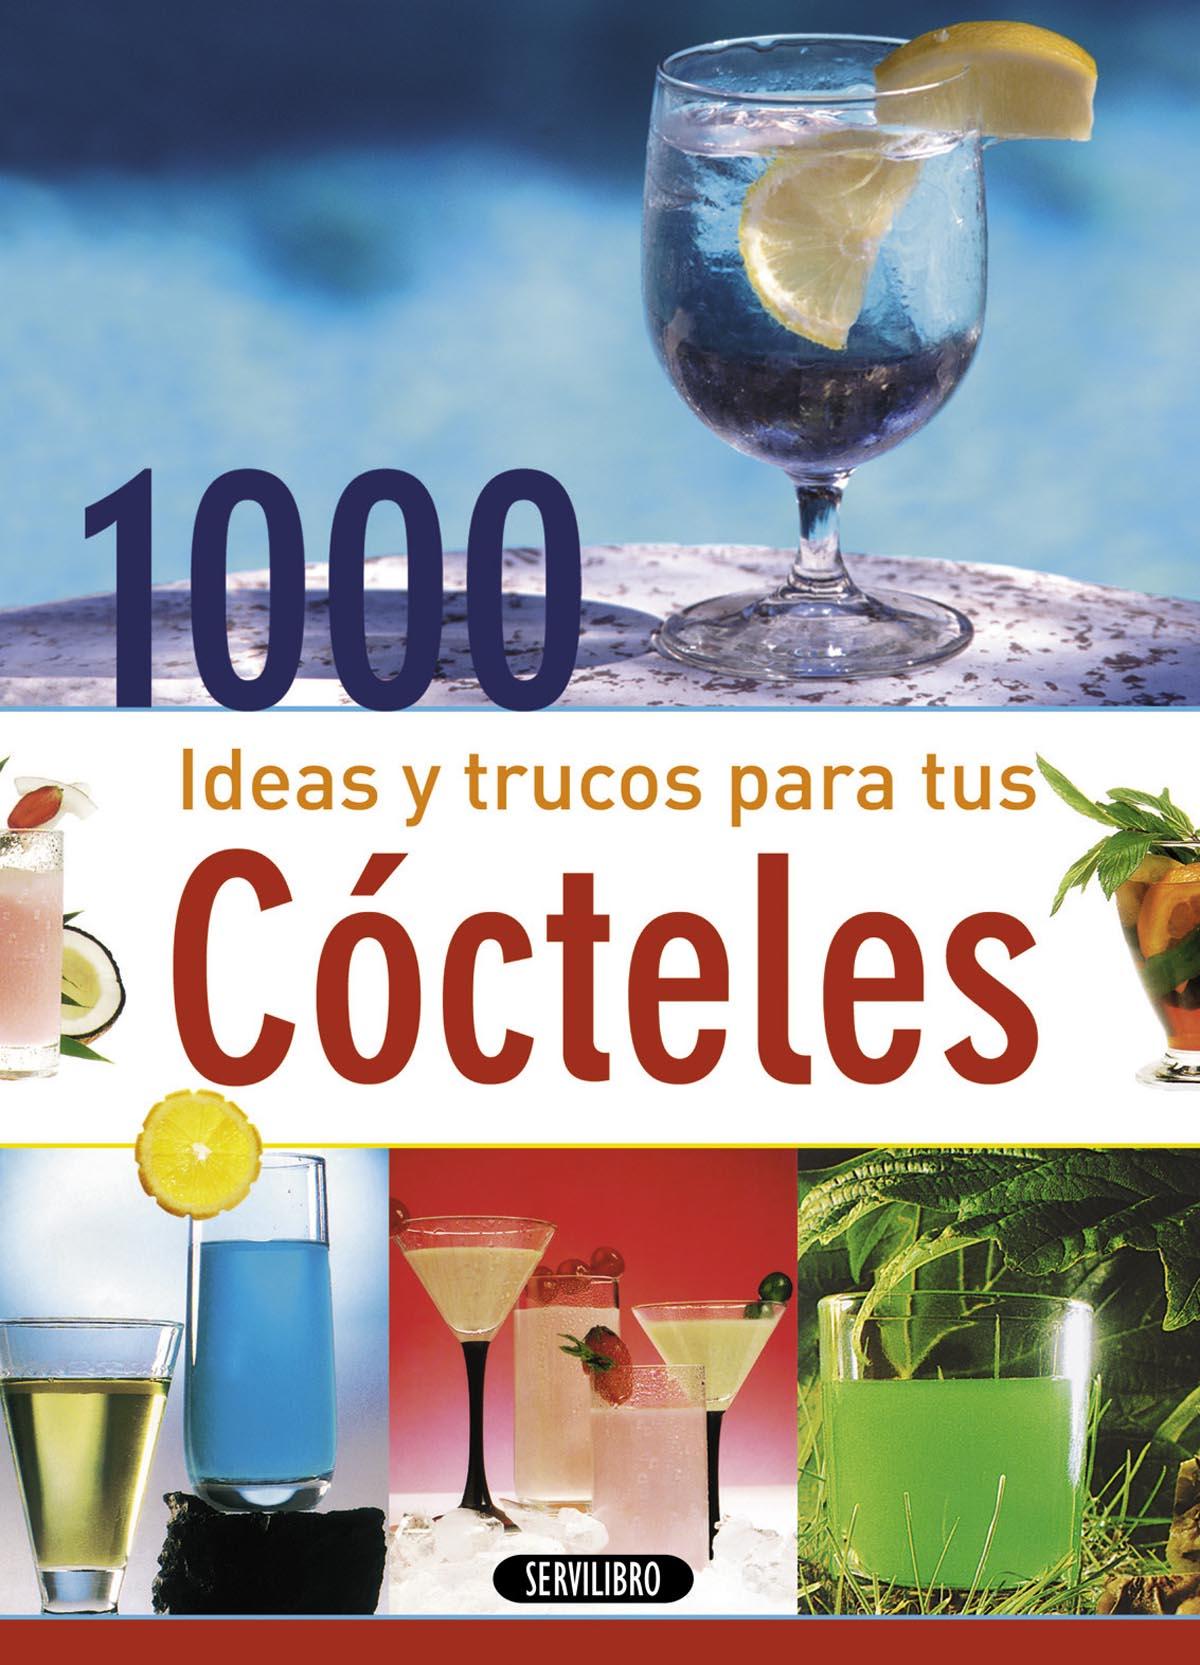 1000 Ideas About Robot Makeup On Pinterest: Libros Servilibro Ediciones